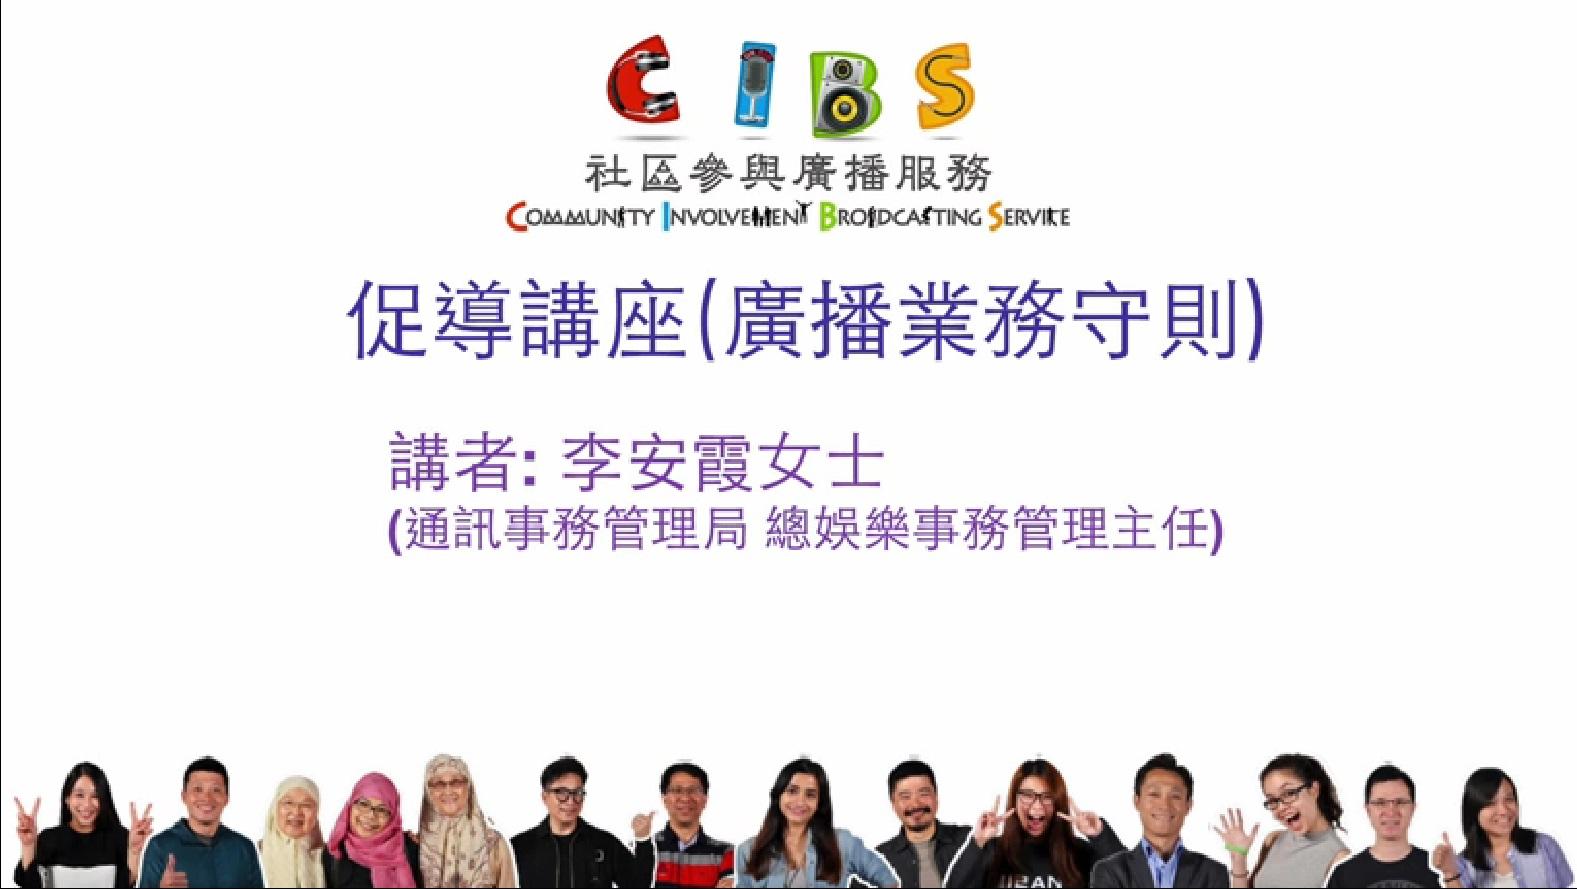 日期:2017年10月7日 讲者: Anna Li, 通讯事务管理局办公室 娱乐事务管理主任 (业务守则)